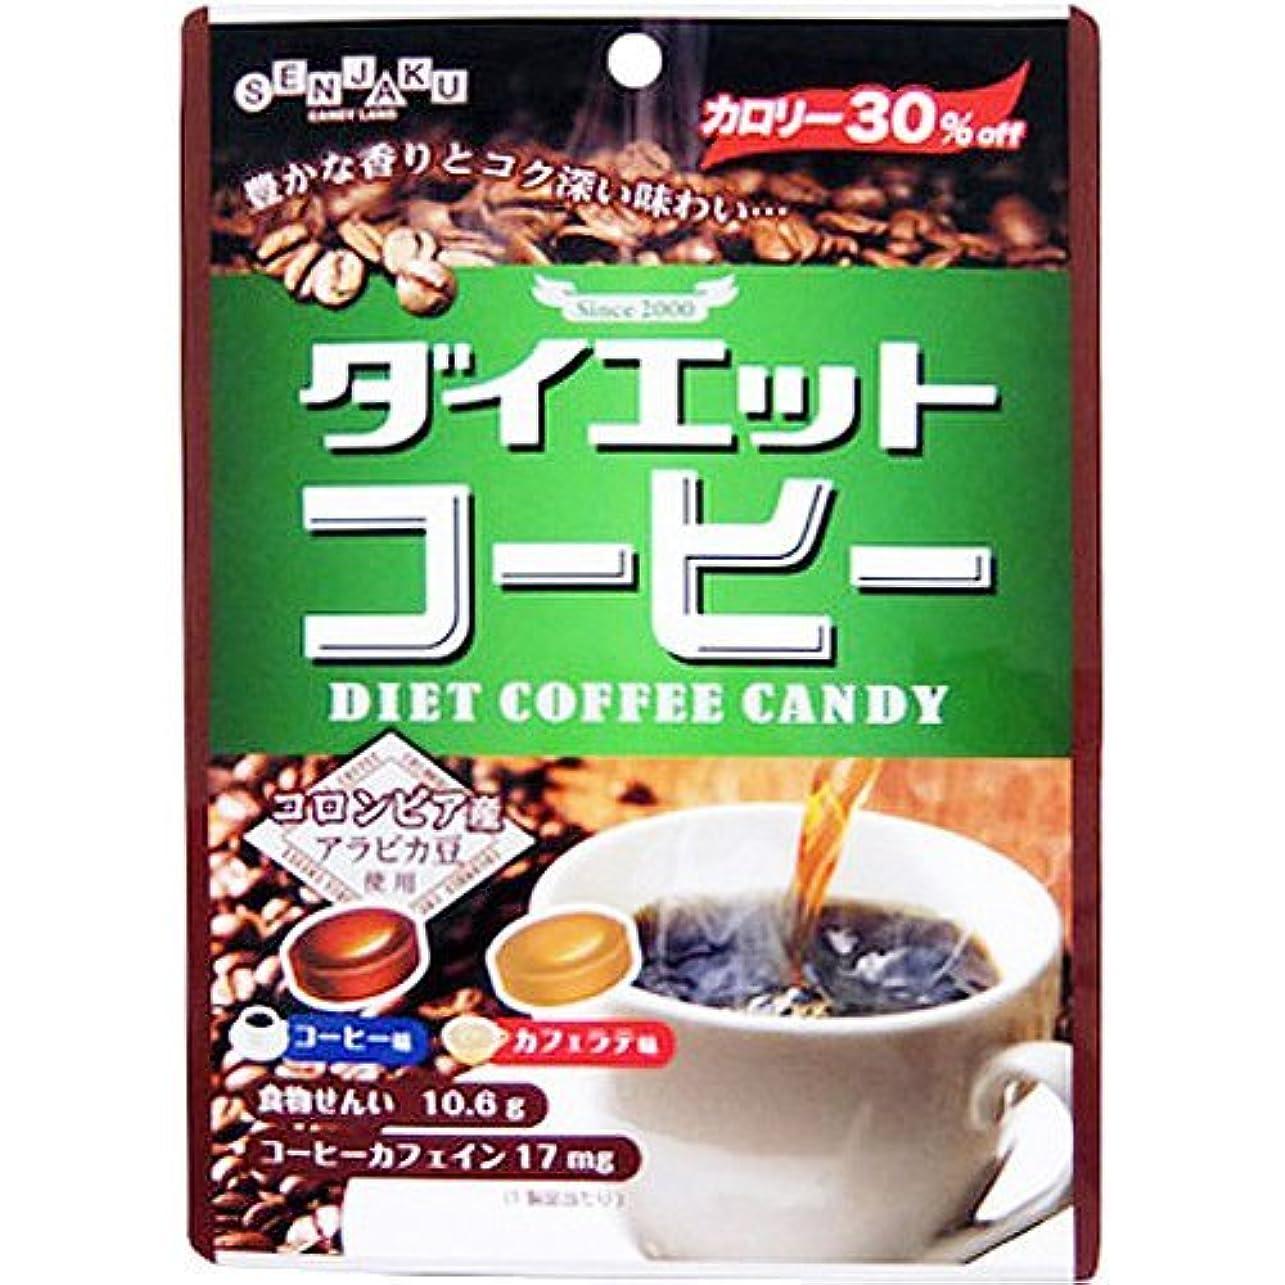 不名誉な側溝メンダシティ扇雀飴本舗 ダイエットコーヒー 80g